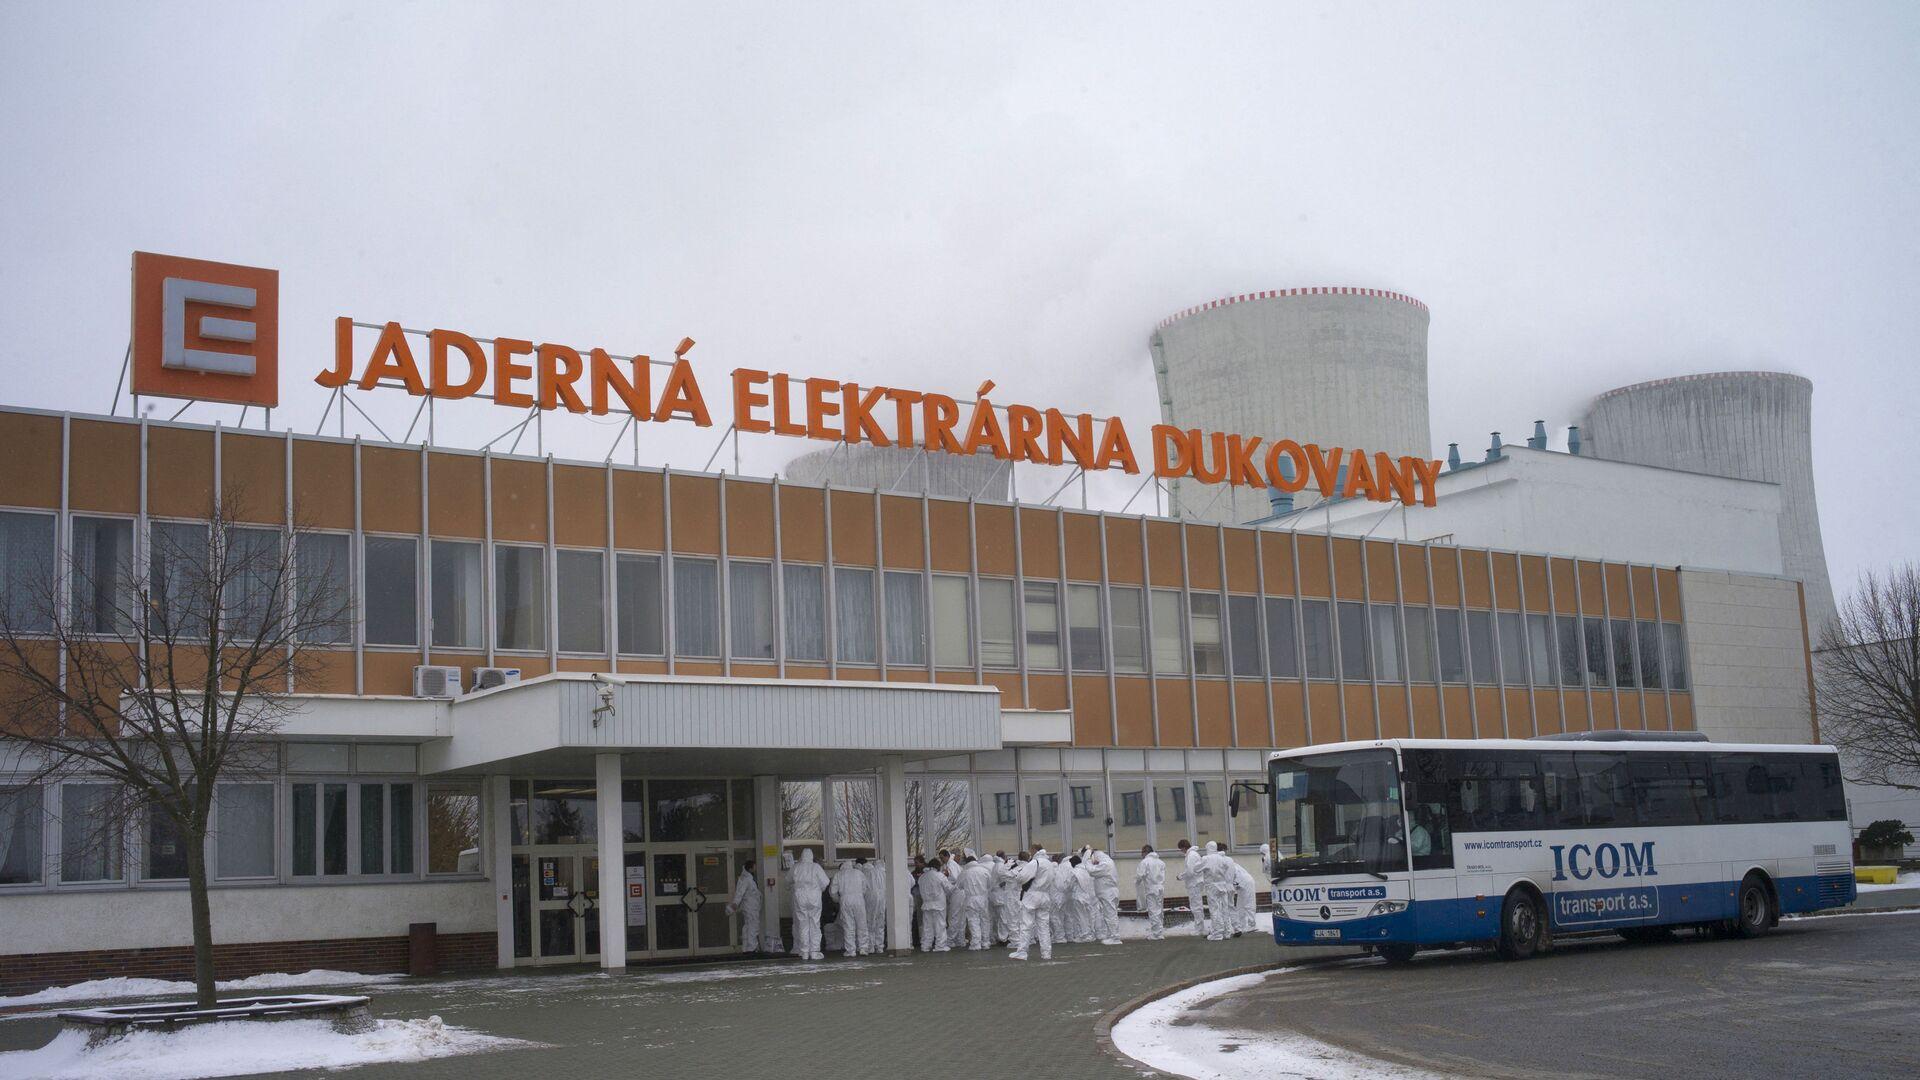 Радници испред чешке нуклеарне електране Дуковани - Sputnik Србија, 1920, 27.09.2021